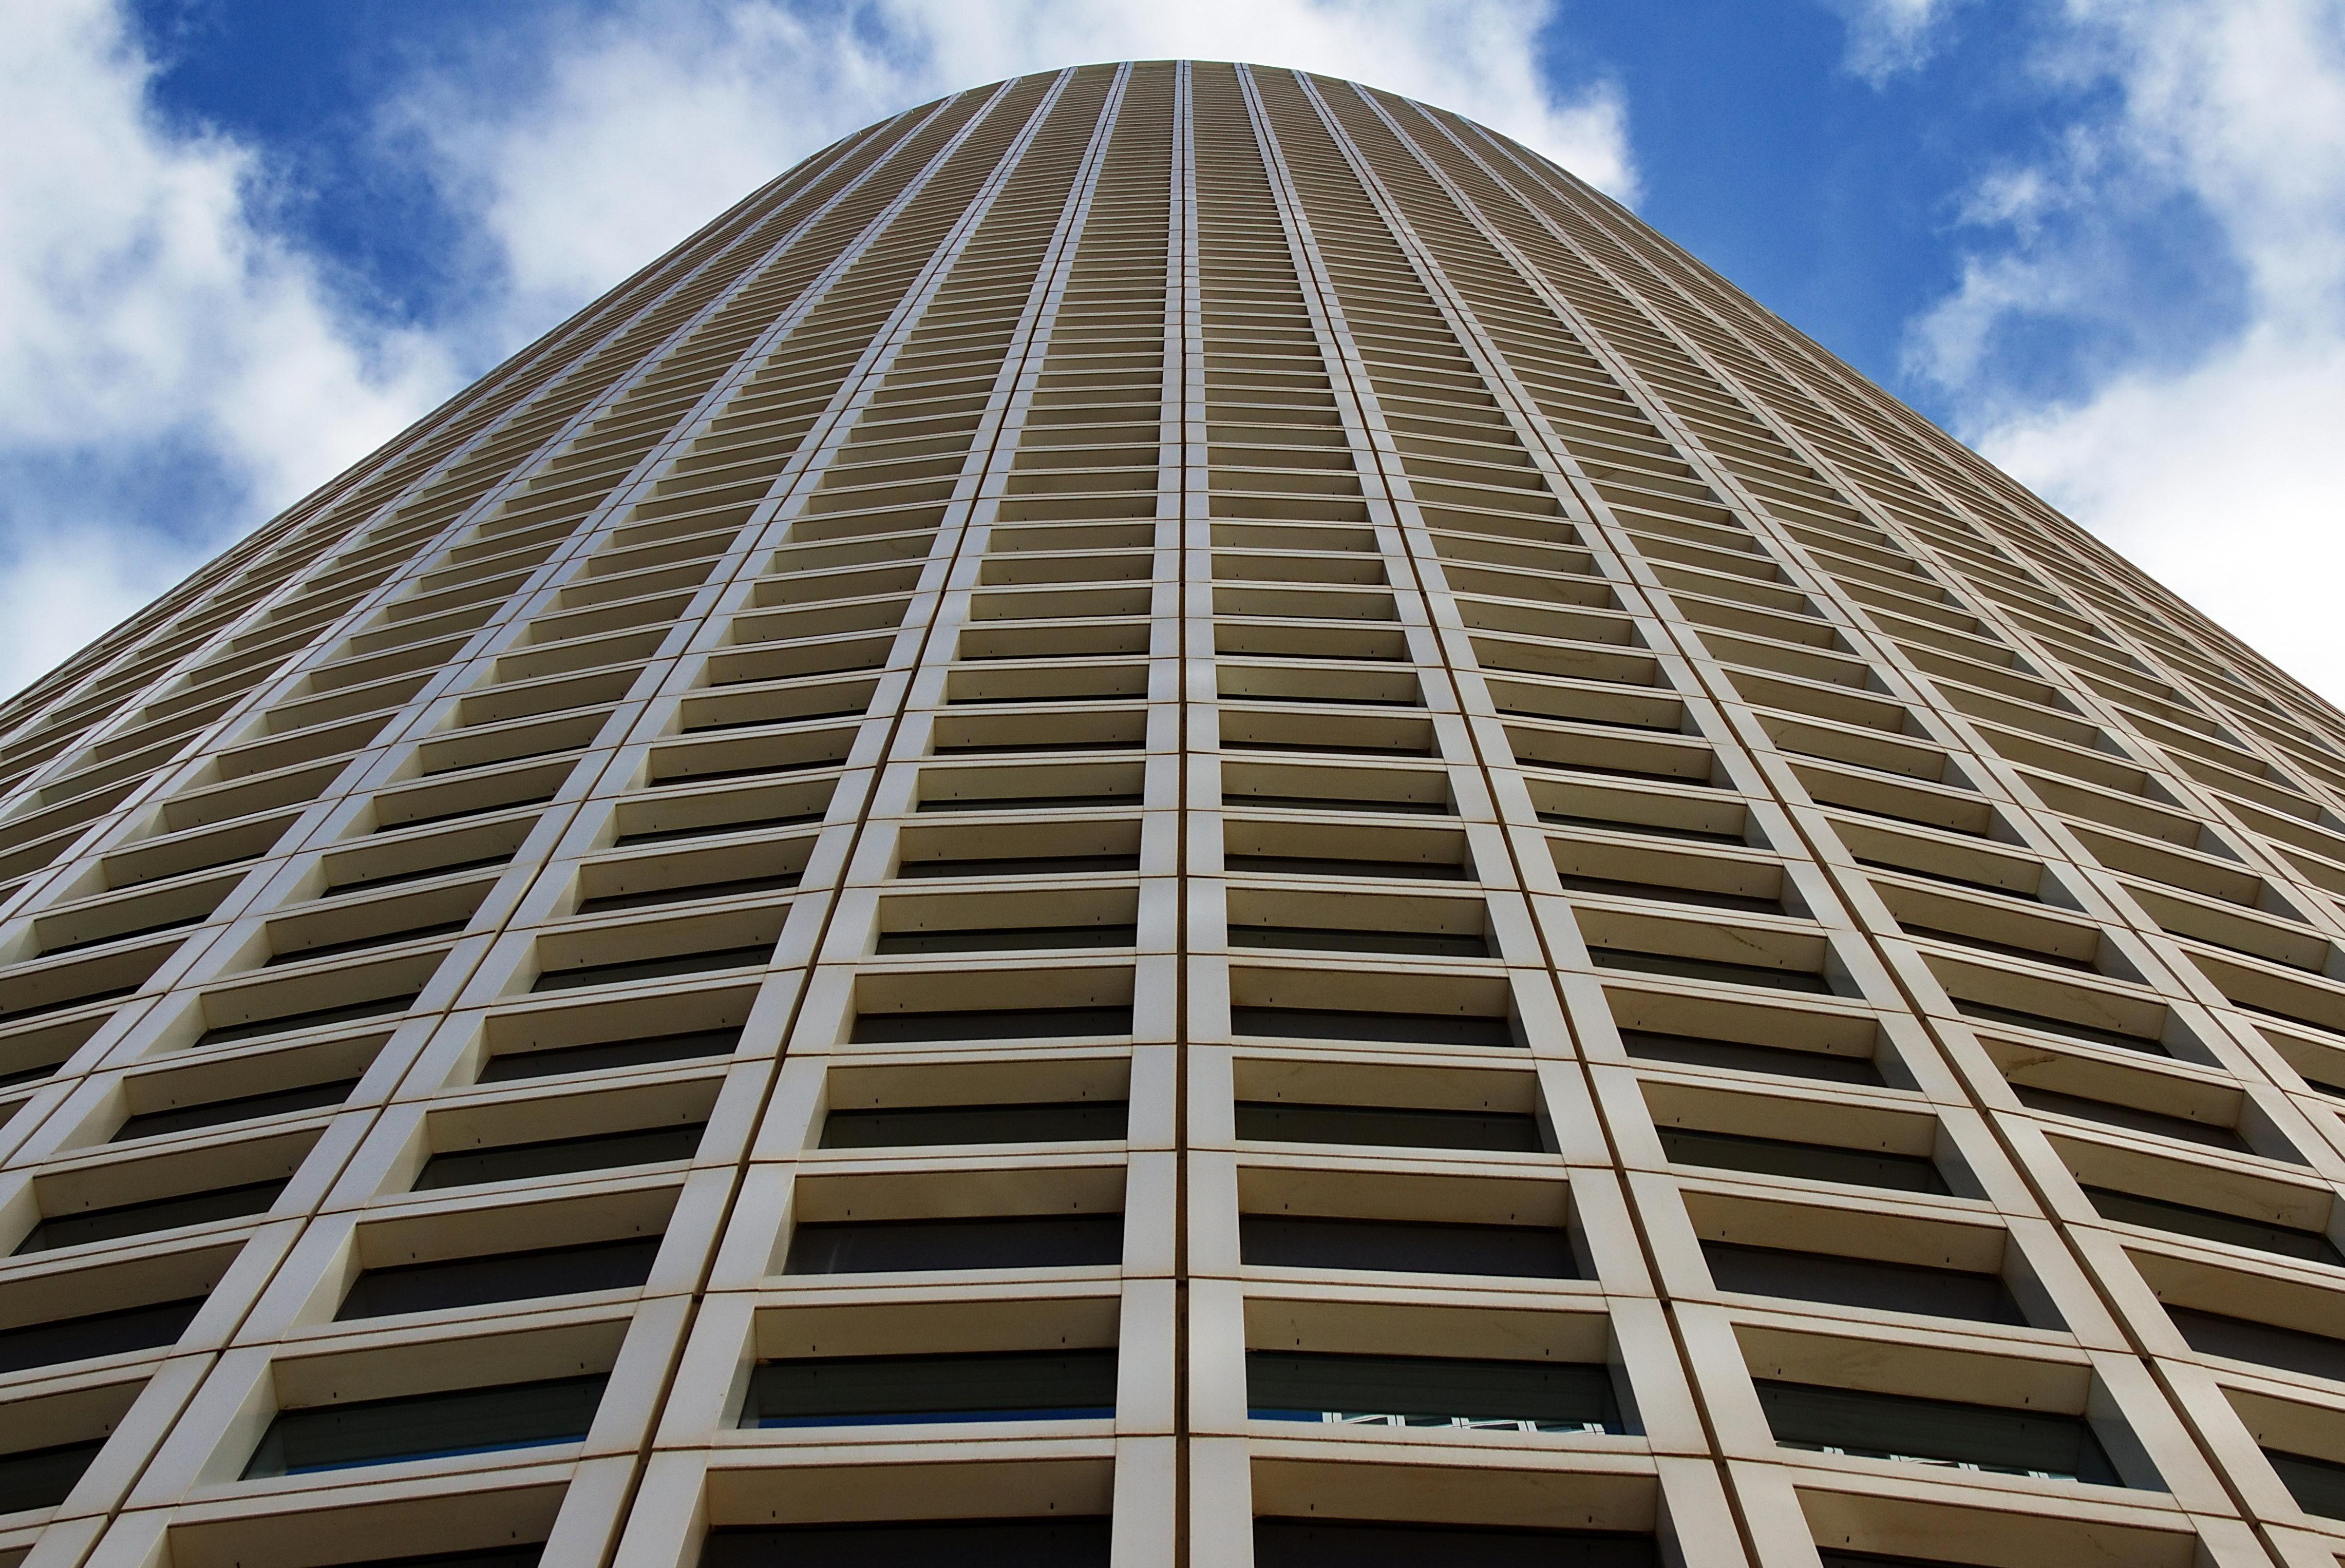 Kostenlose bild architektur modern fenster stadt for Moderne architektur gebaude